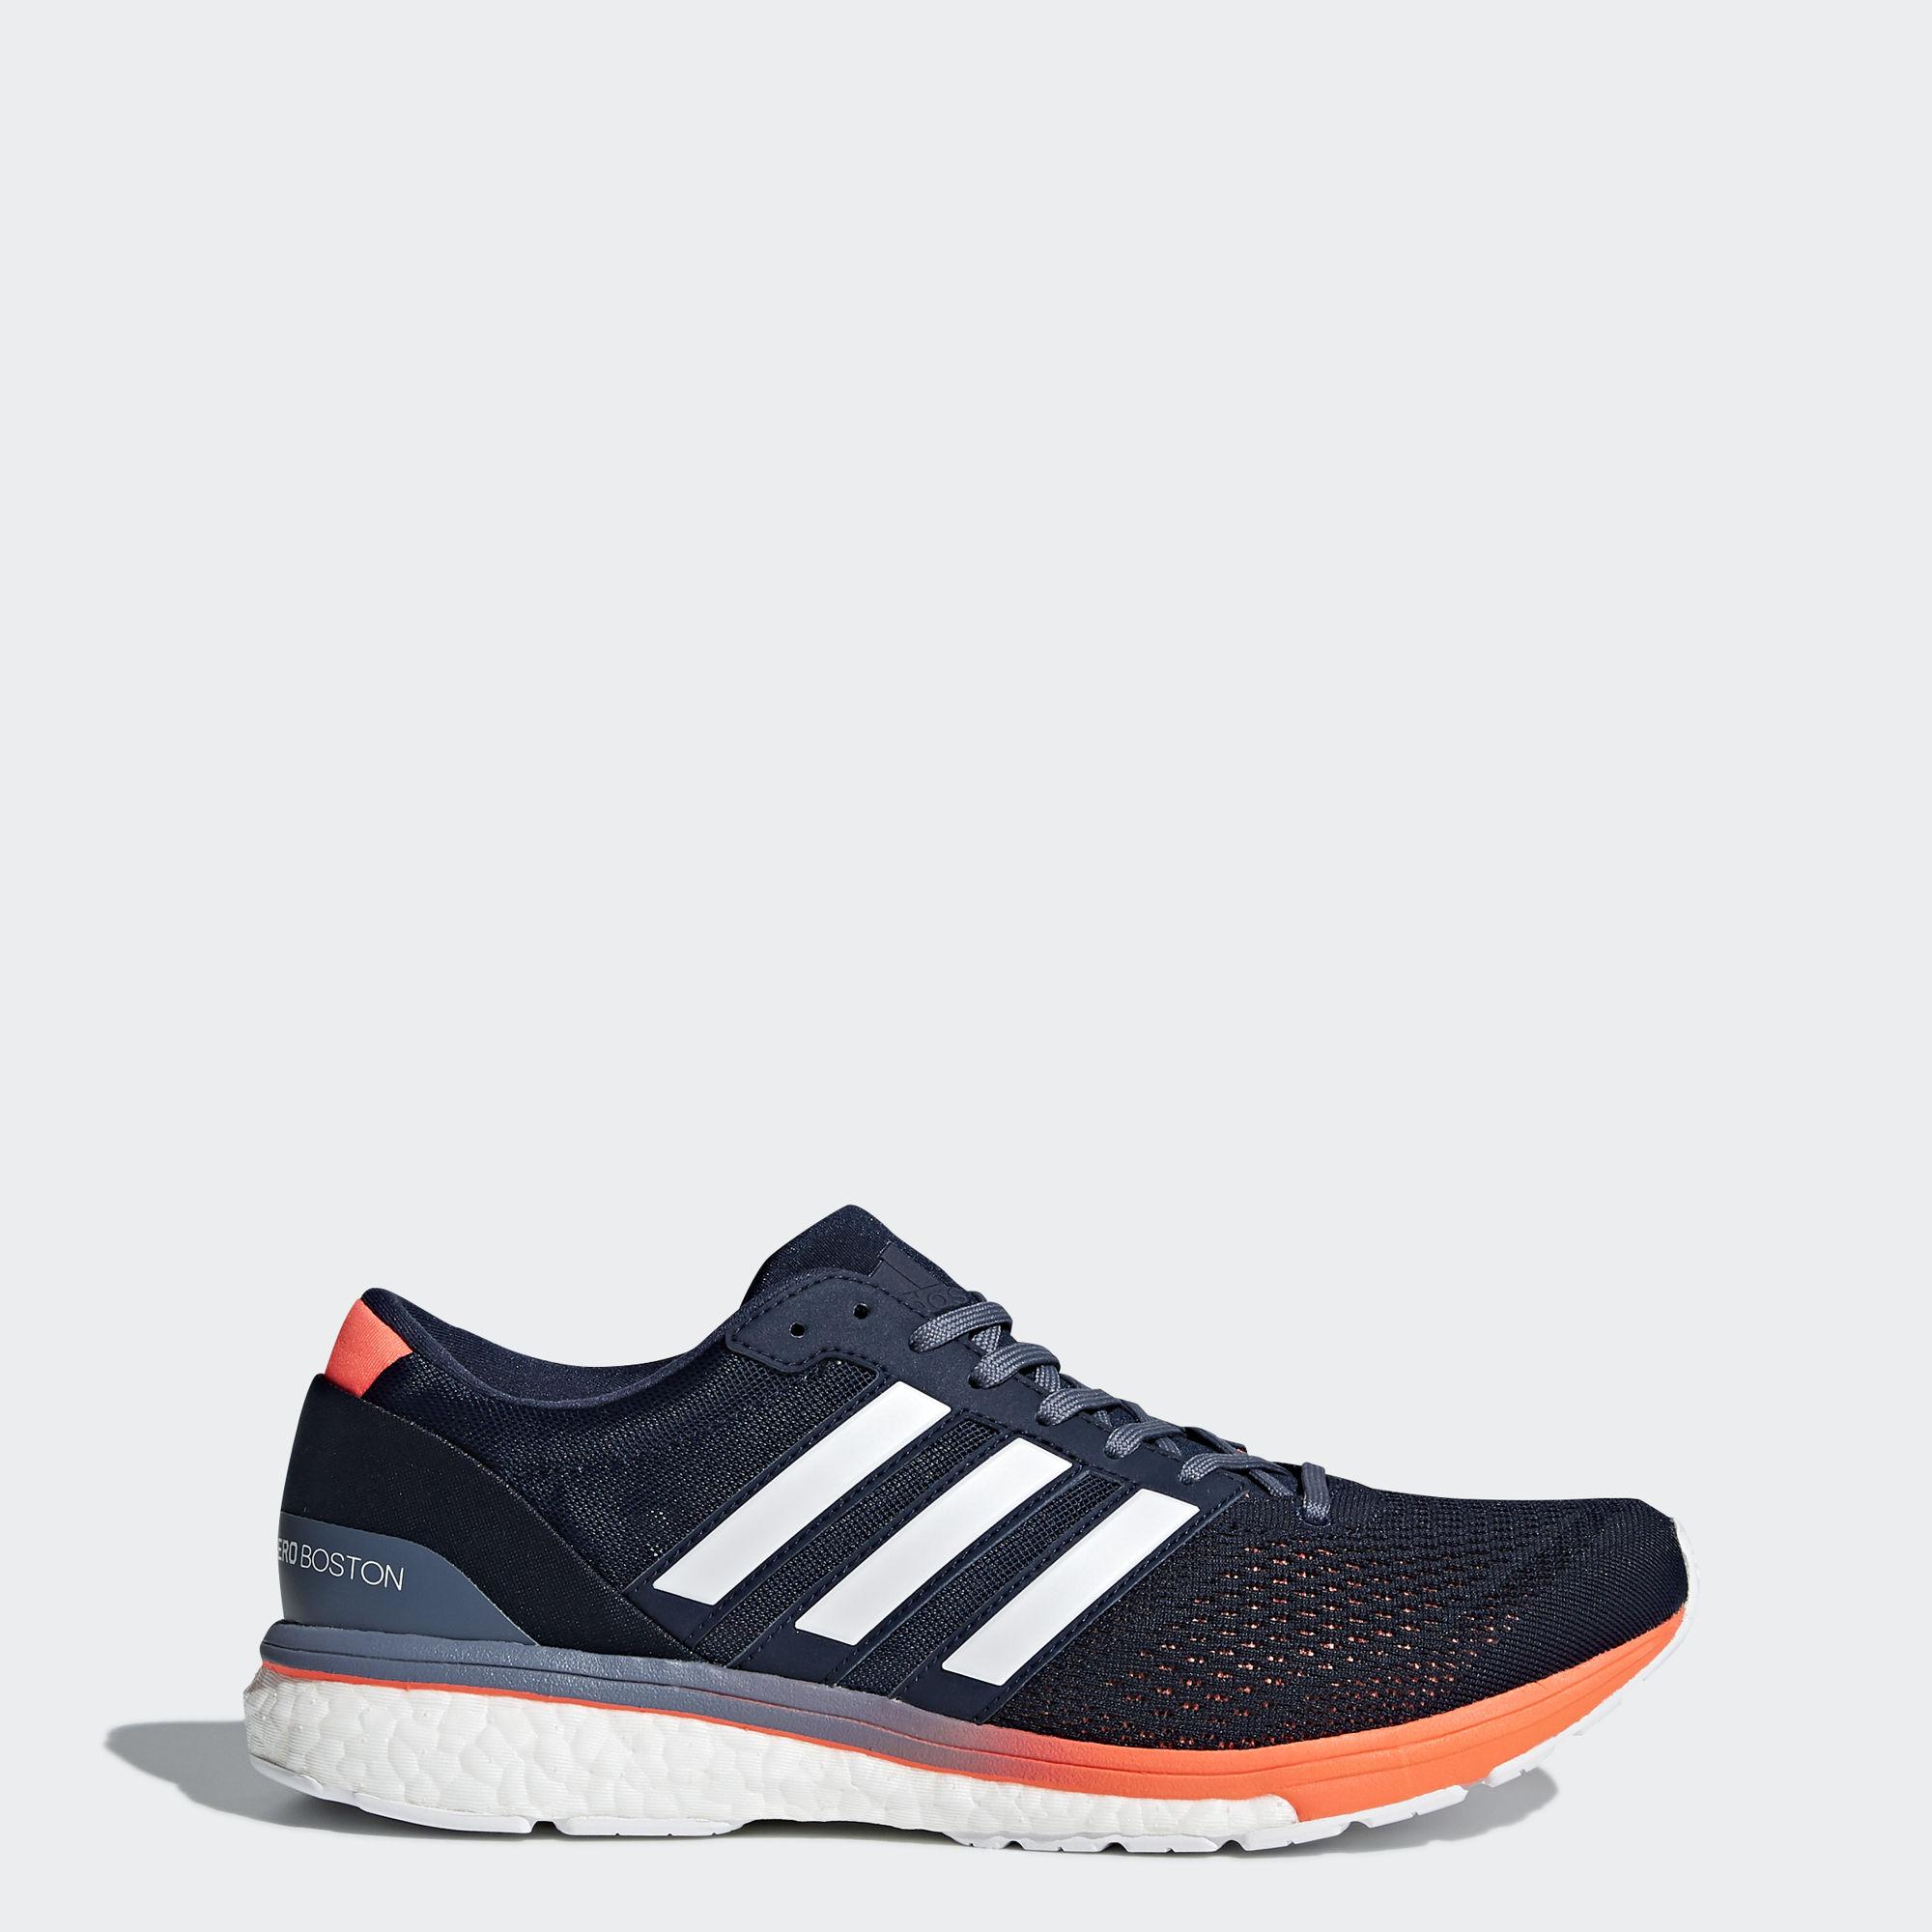 adidas Adizero Boston 6 in Blau Orange